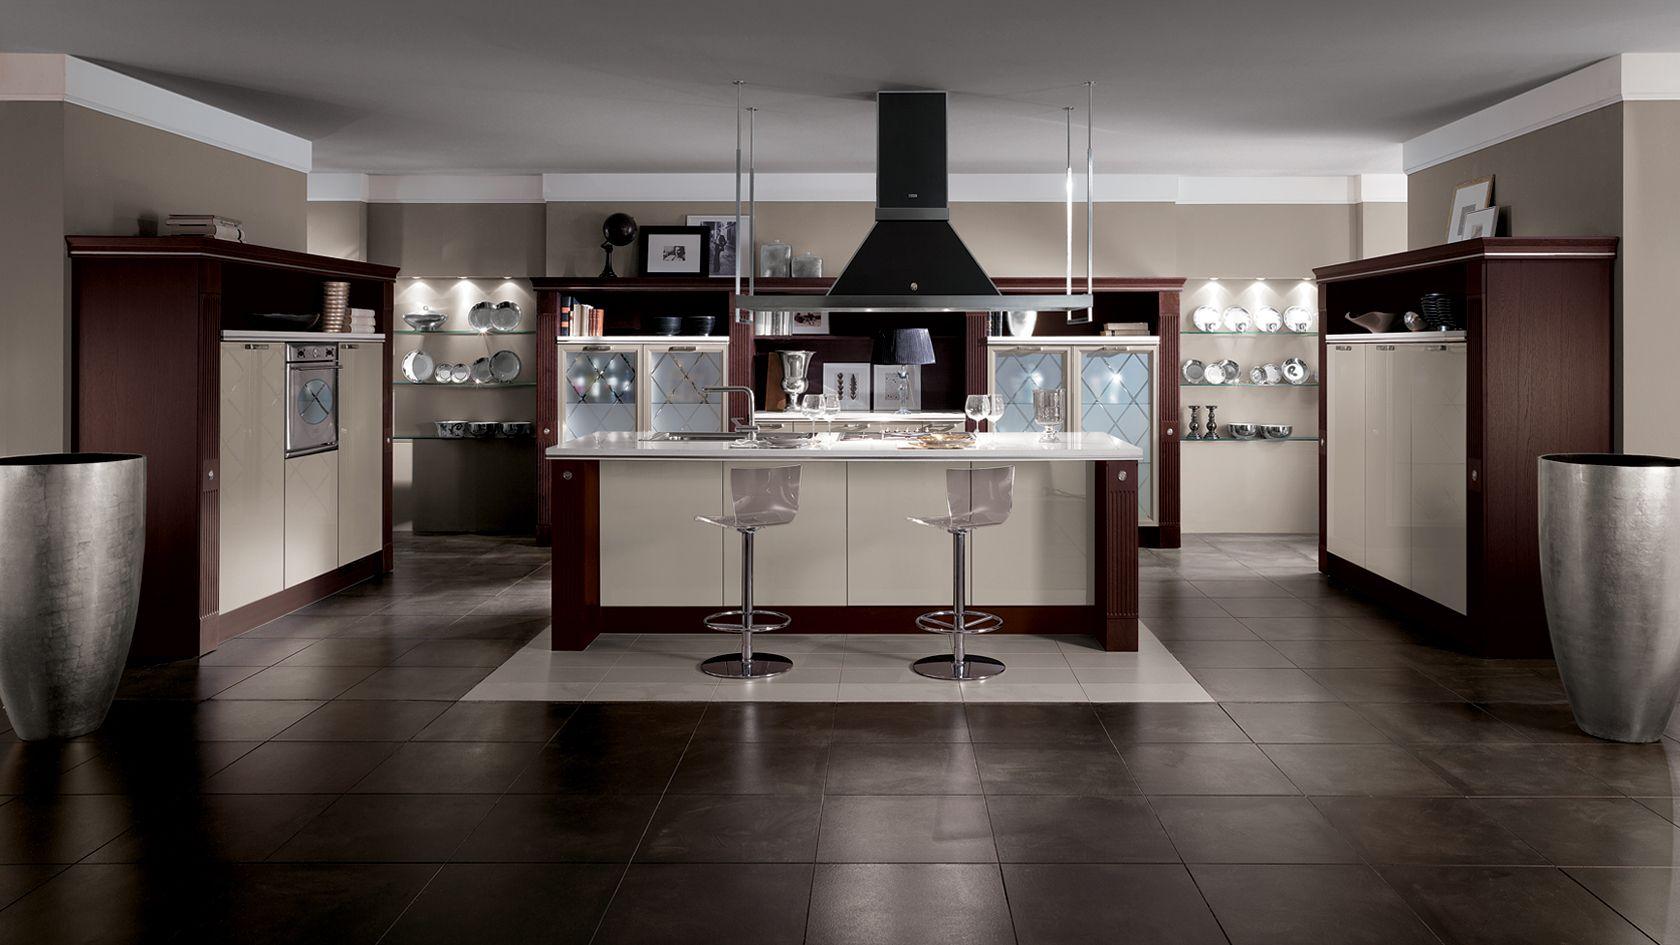 Cucina classica Baccarat | Sito ufficiale Scavolini | cucina ...